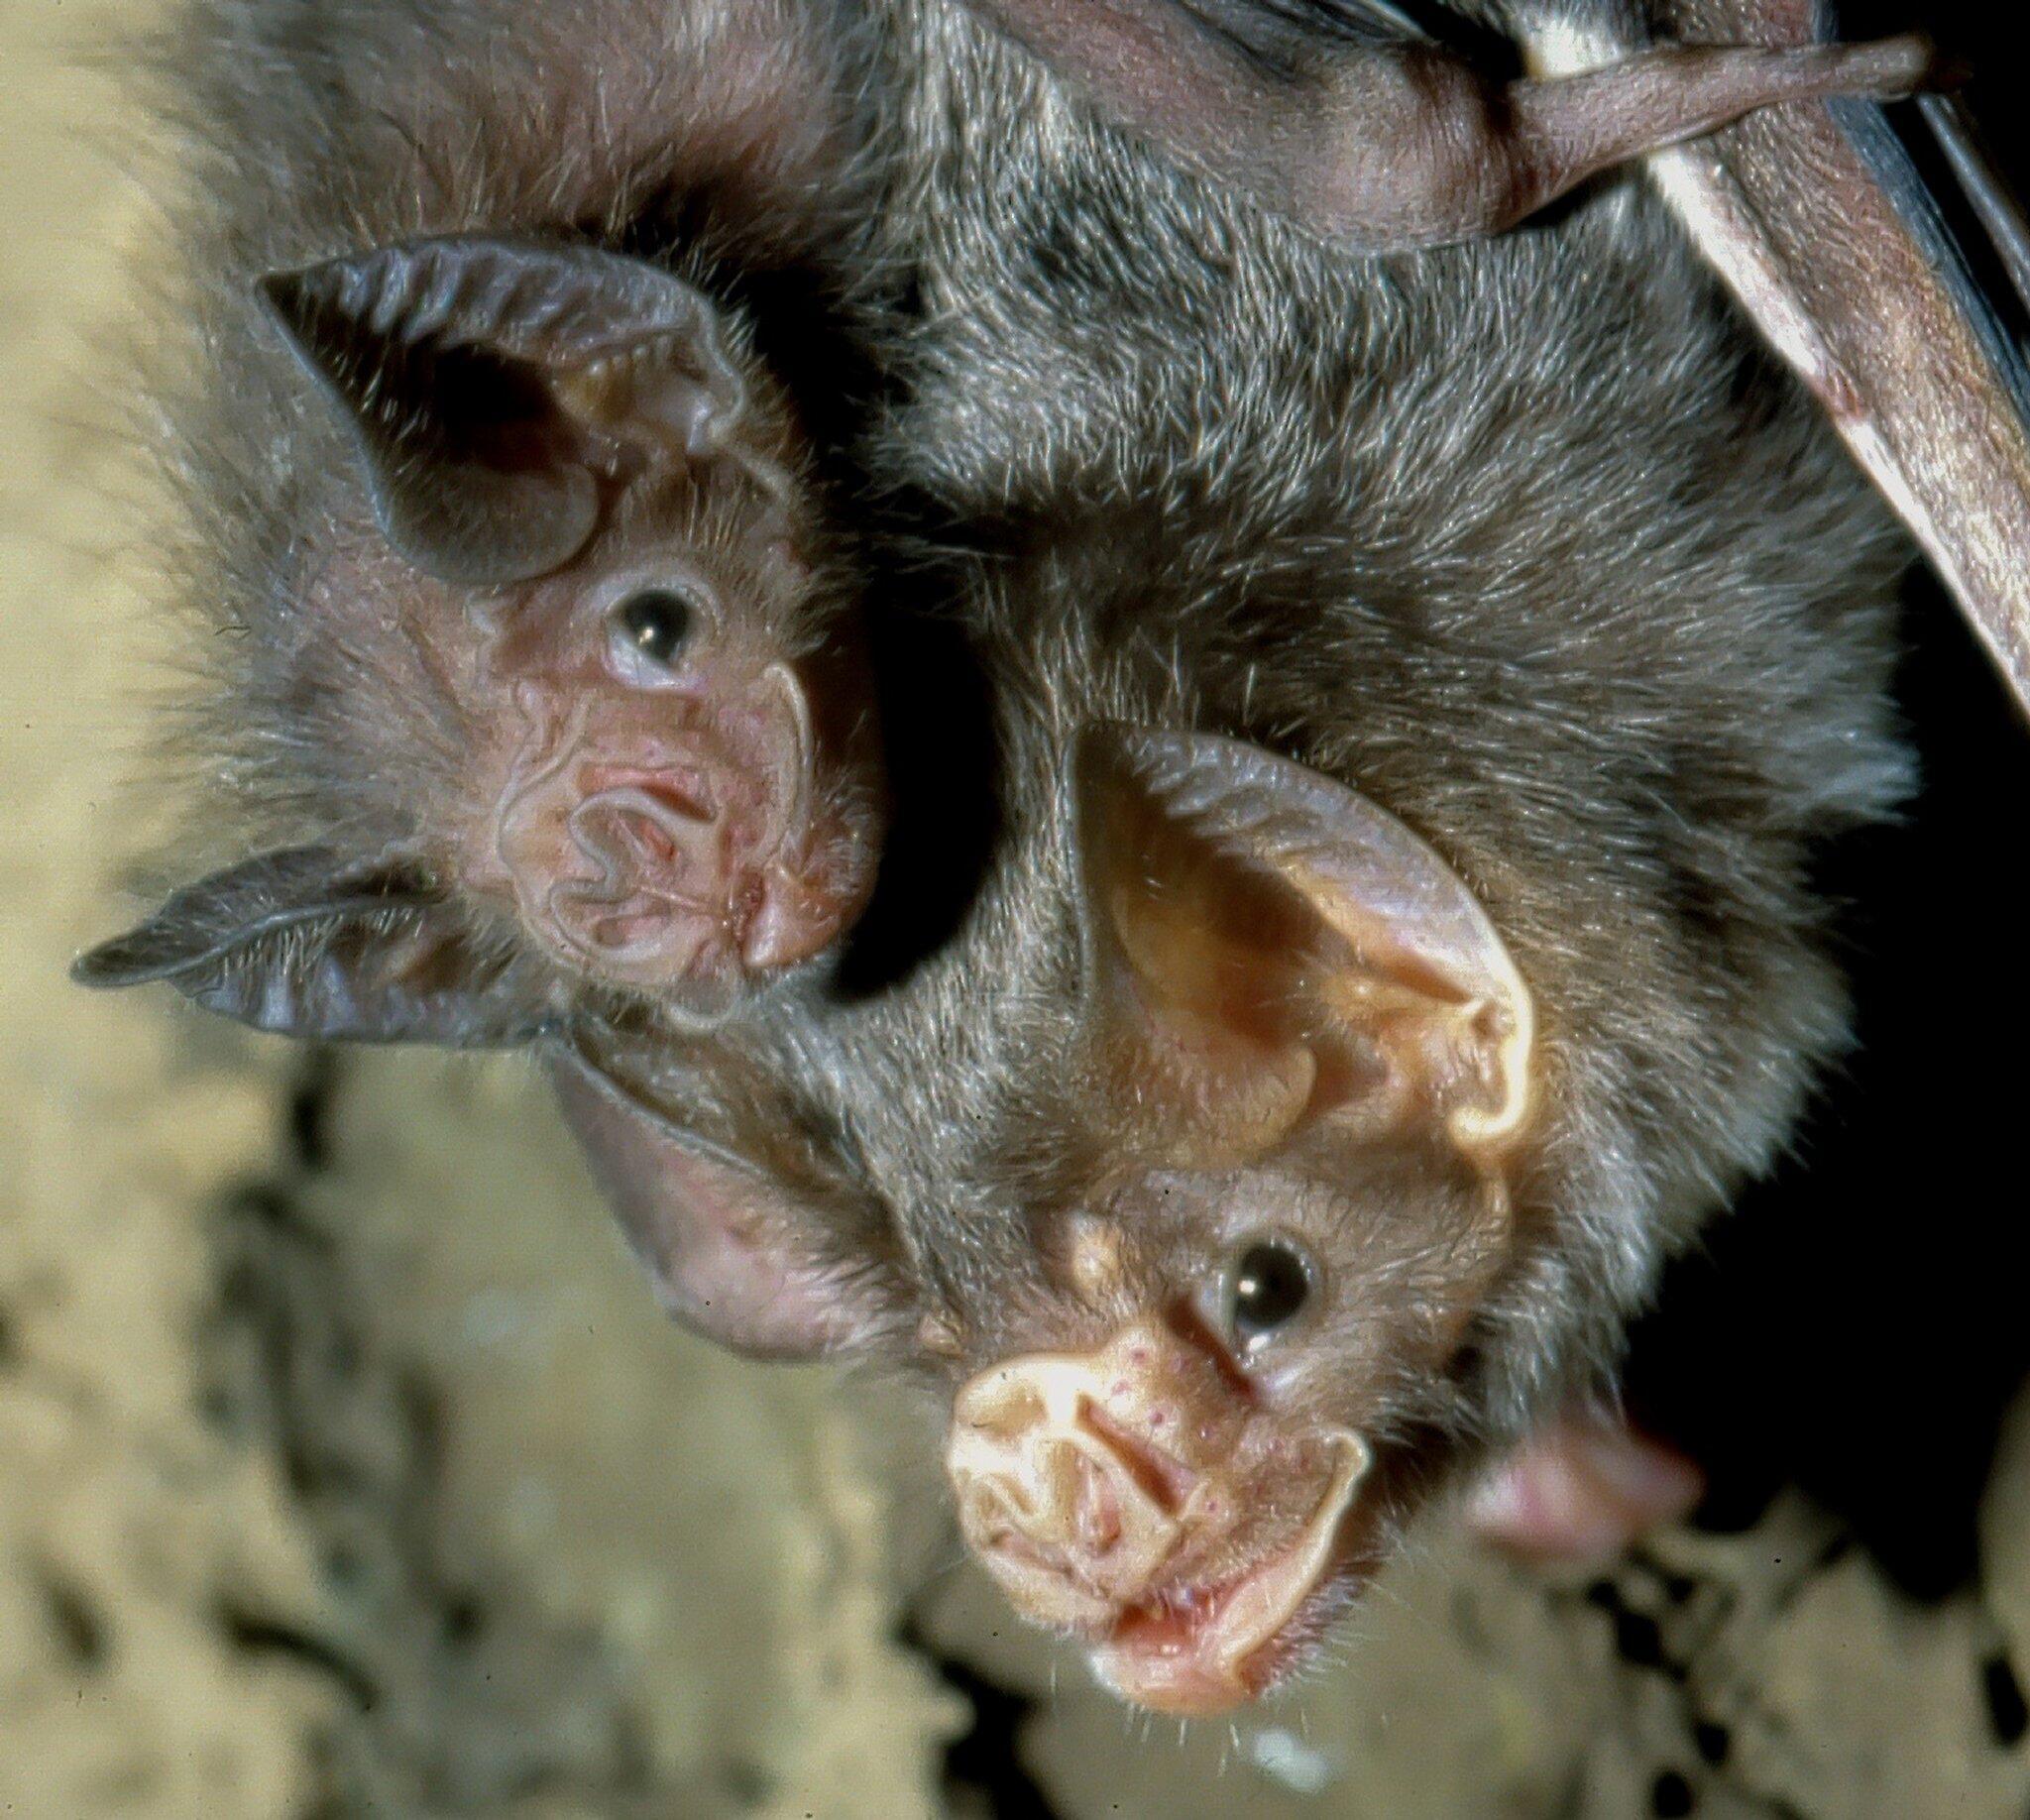 Bild zu Der Gemeine Vampir (Desmodus rotundus)